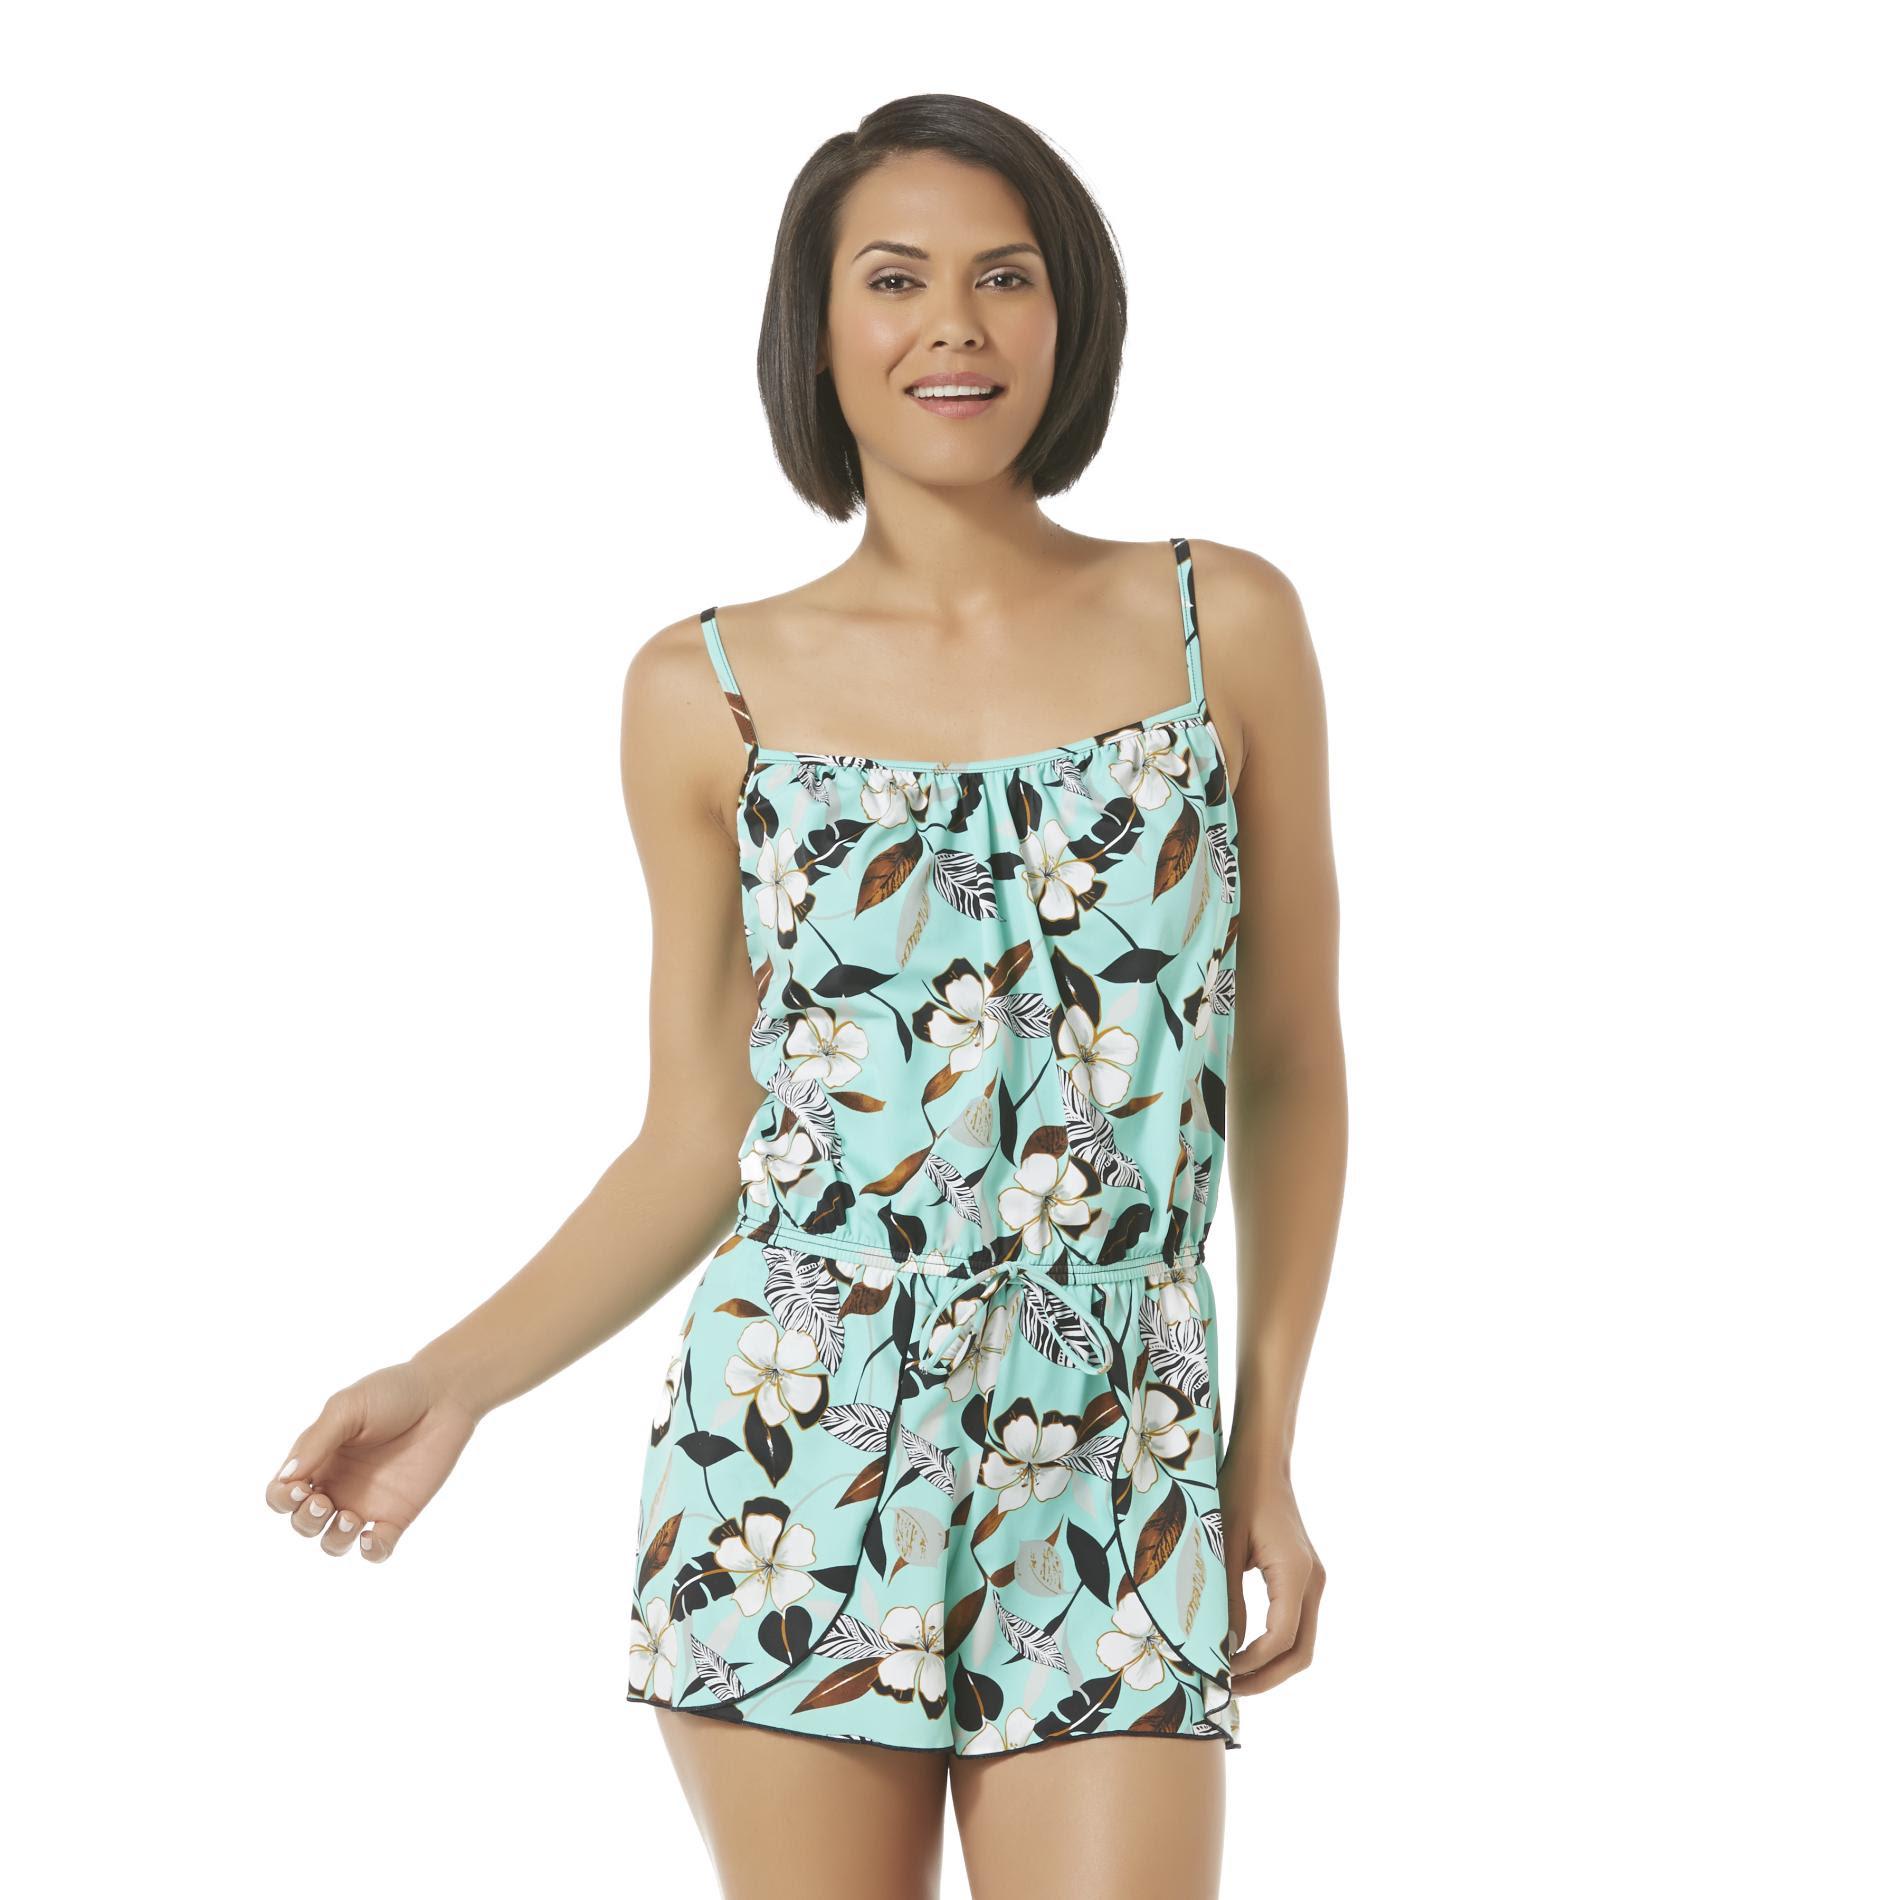 a shore fit women's romper swimsuit  floral